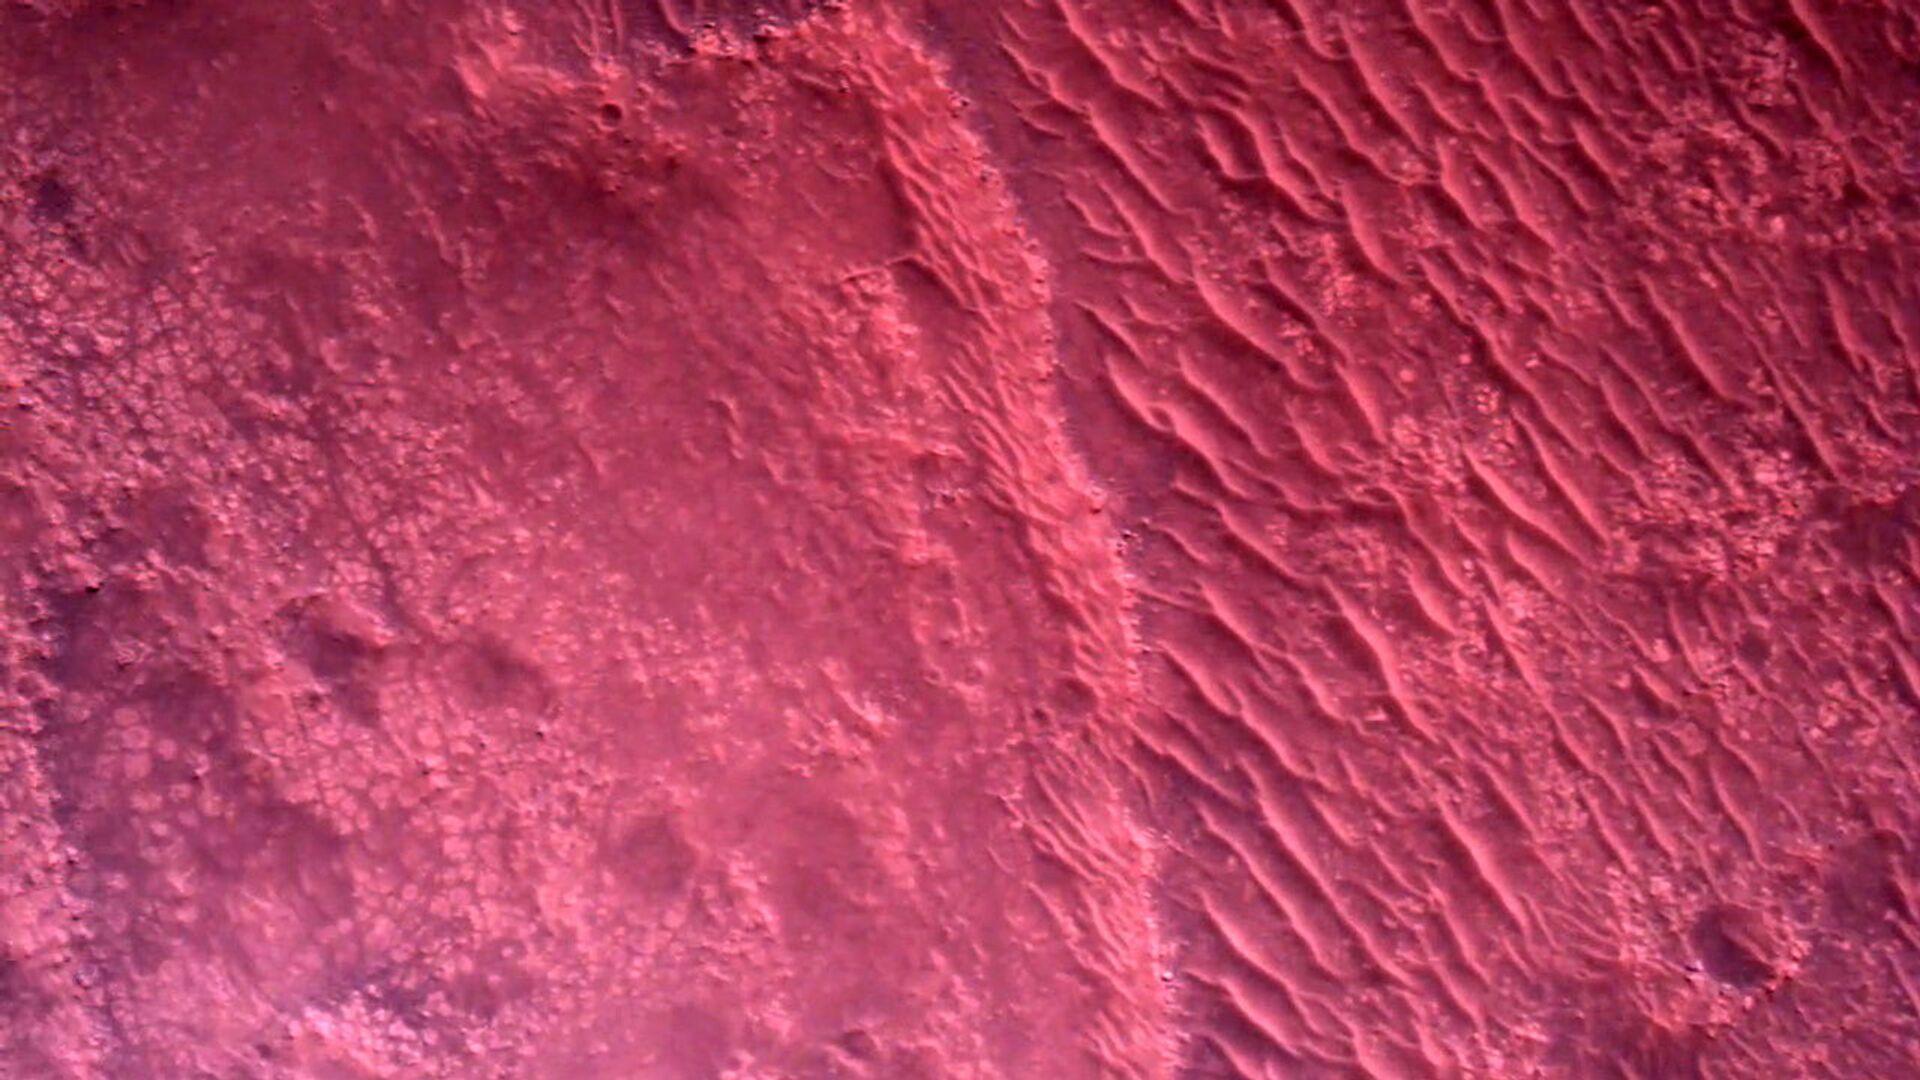 Поверхность Марса - Sputnik Србија, 1920, 27.02.2021